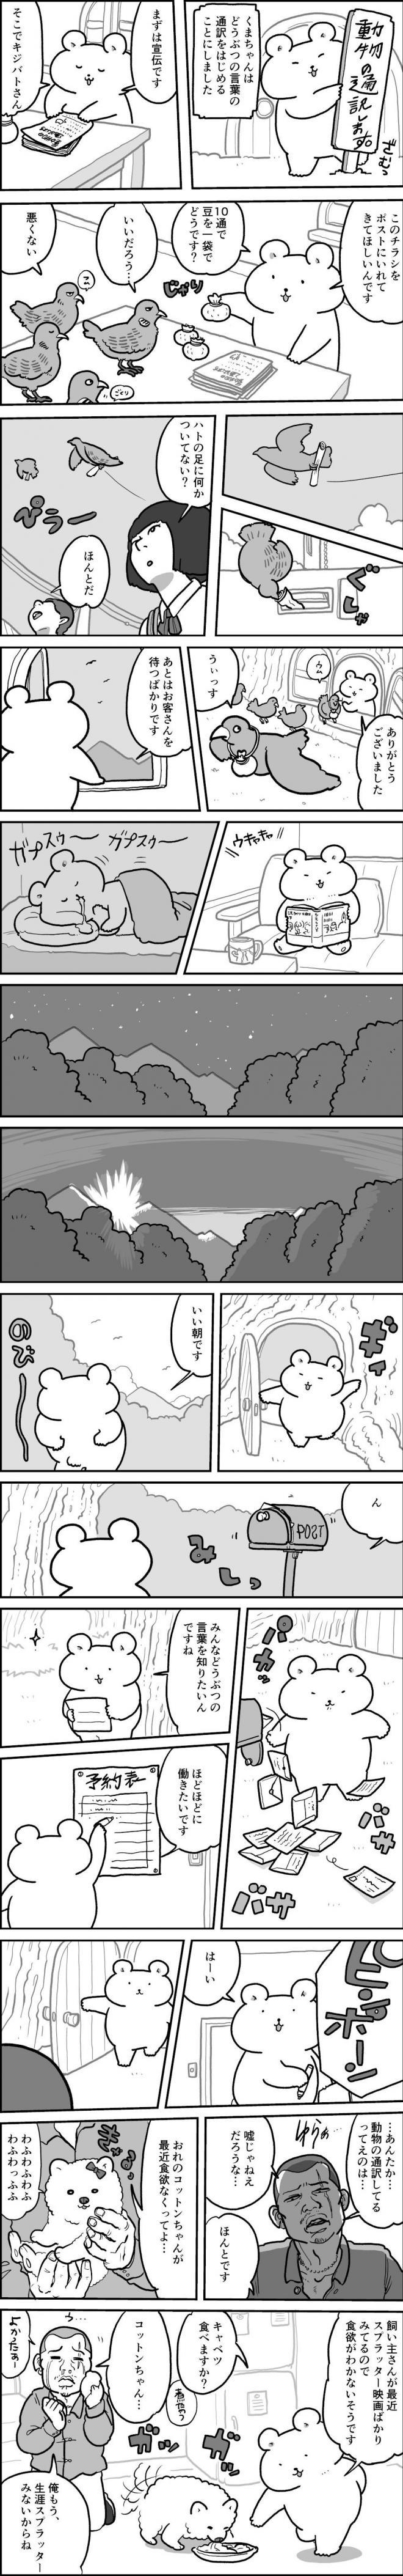 「くまちゃんのどうぶつ通訳」シリーズの第1話